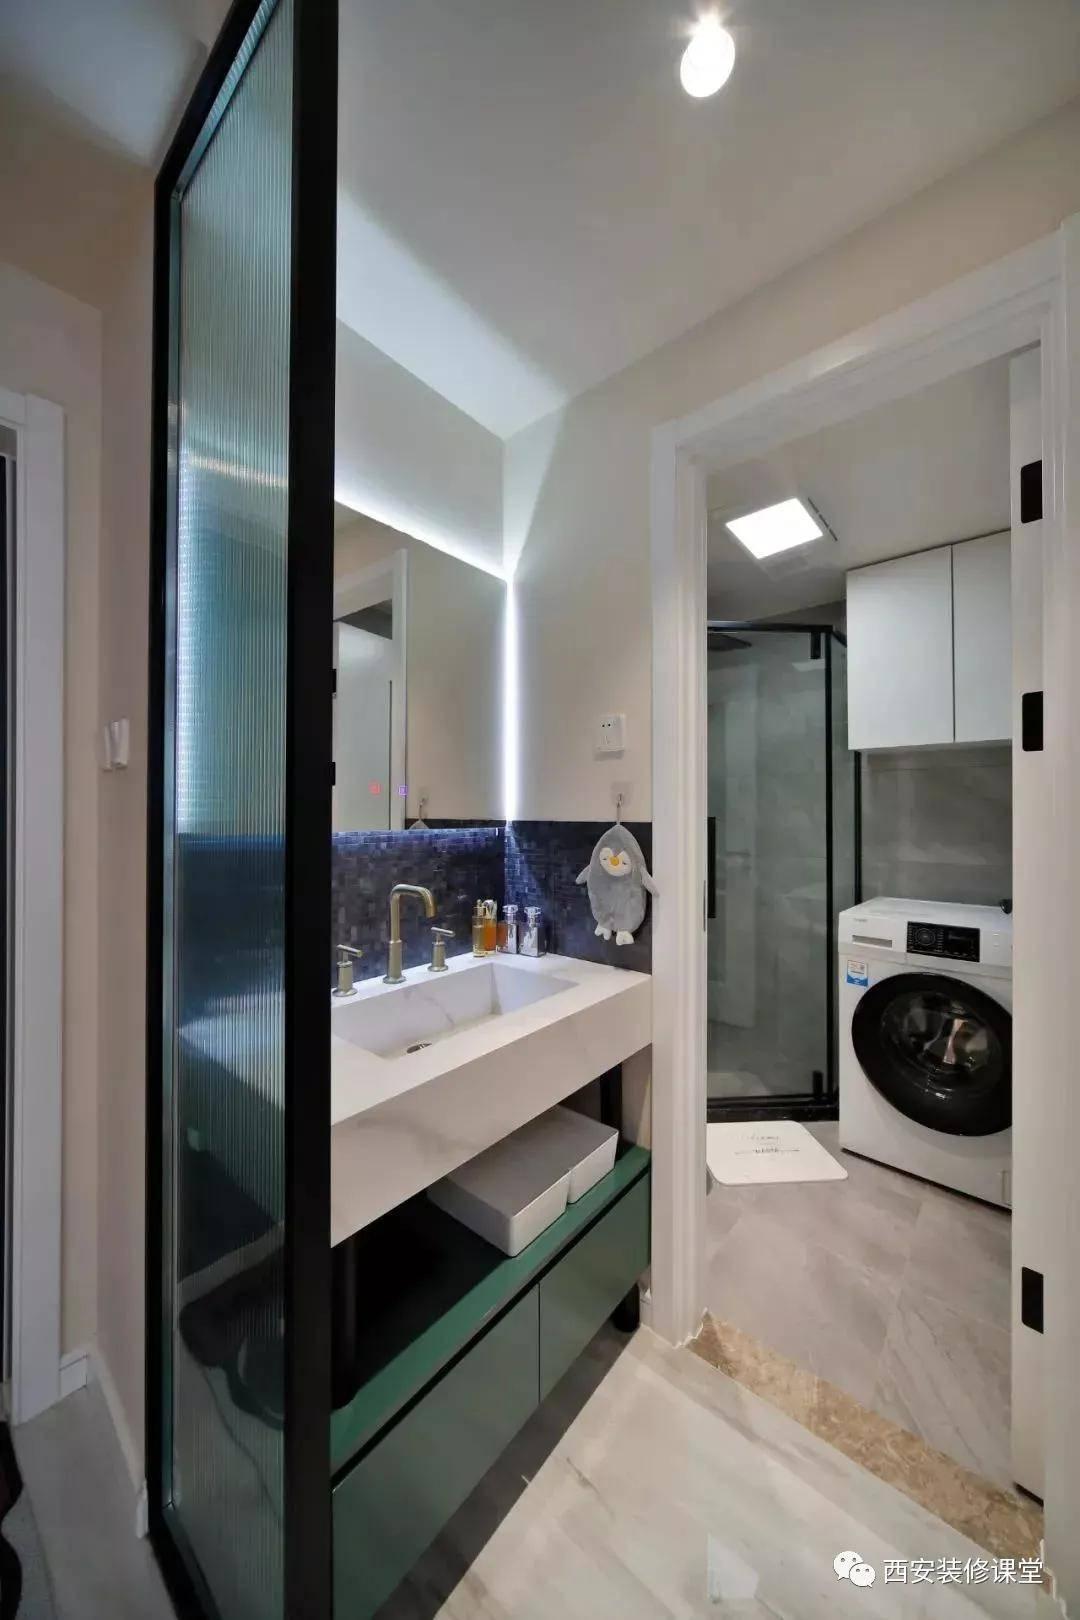 60㎡公寓一个人住,打掉卧室做玻璃房